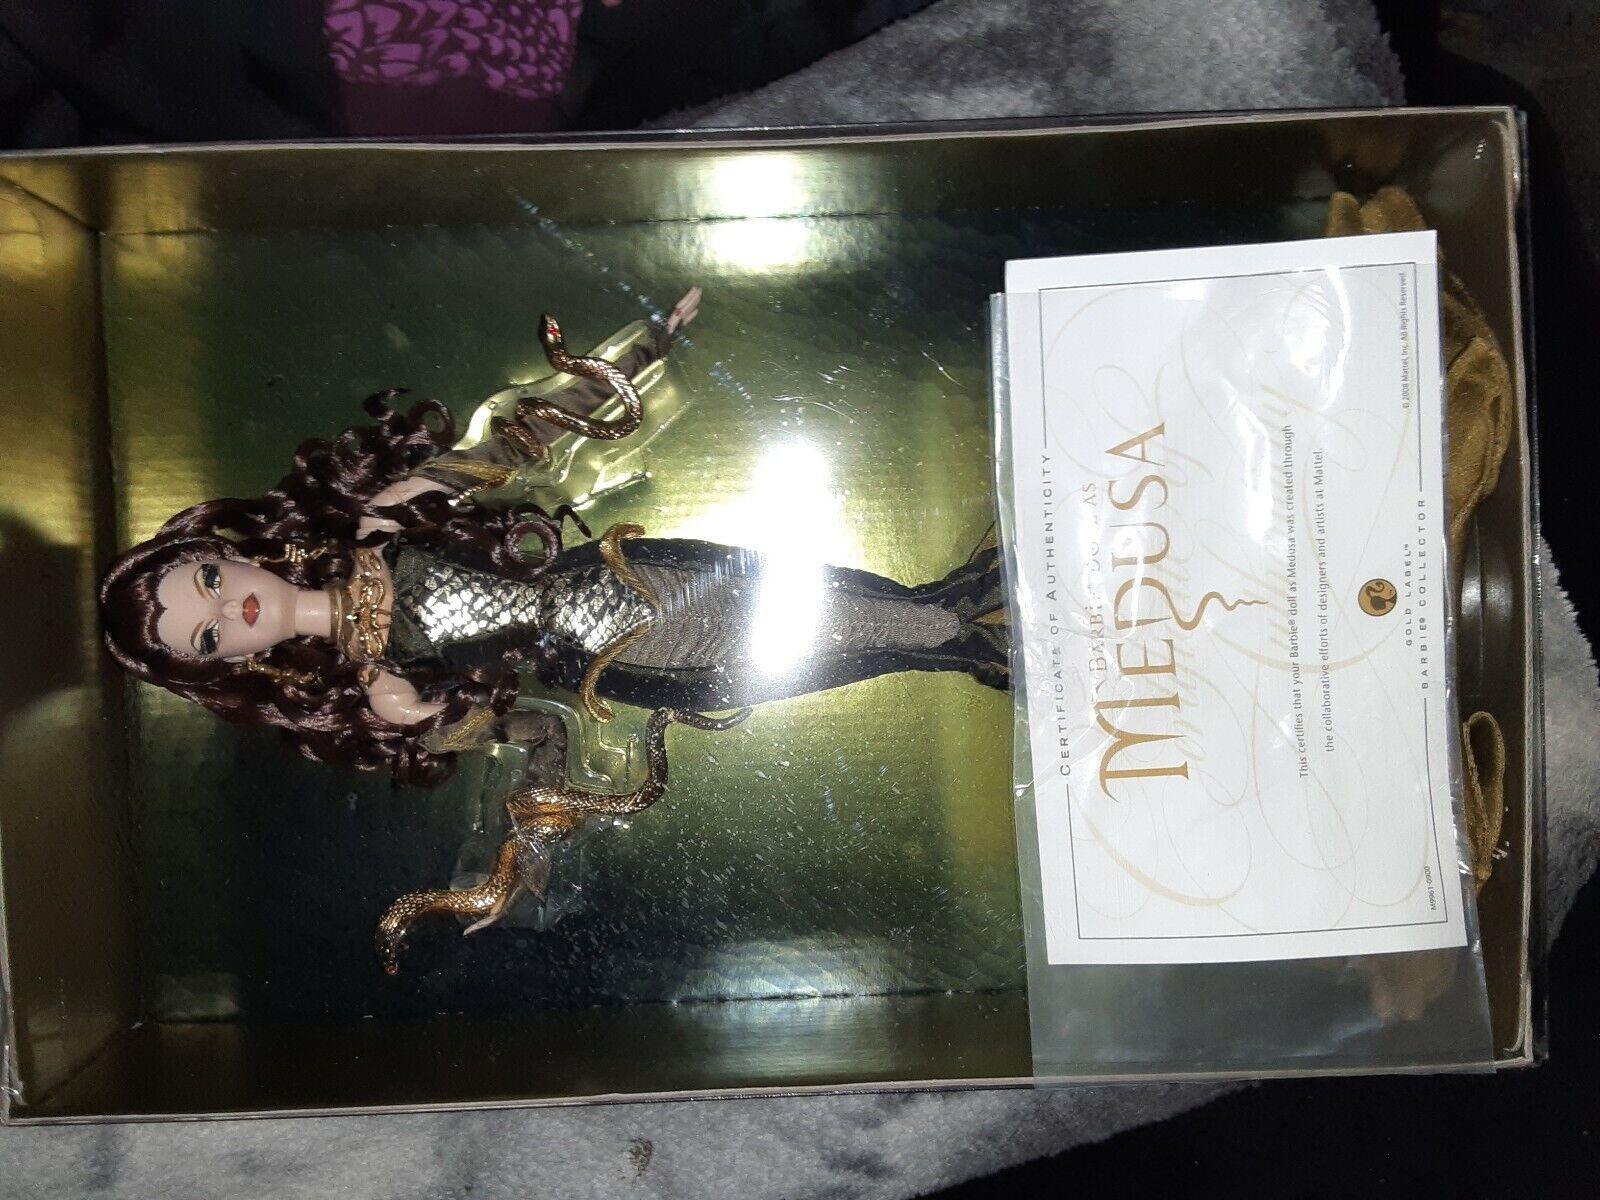 90's Porn Film Medusa Goddess medusa 2008 barbie doll